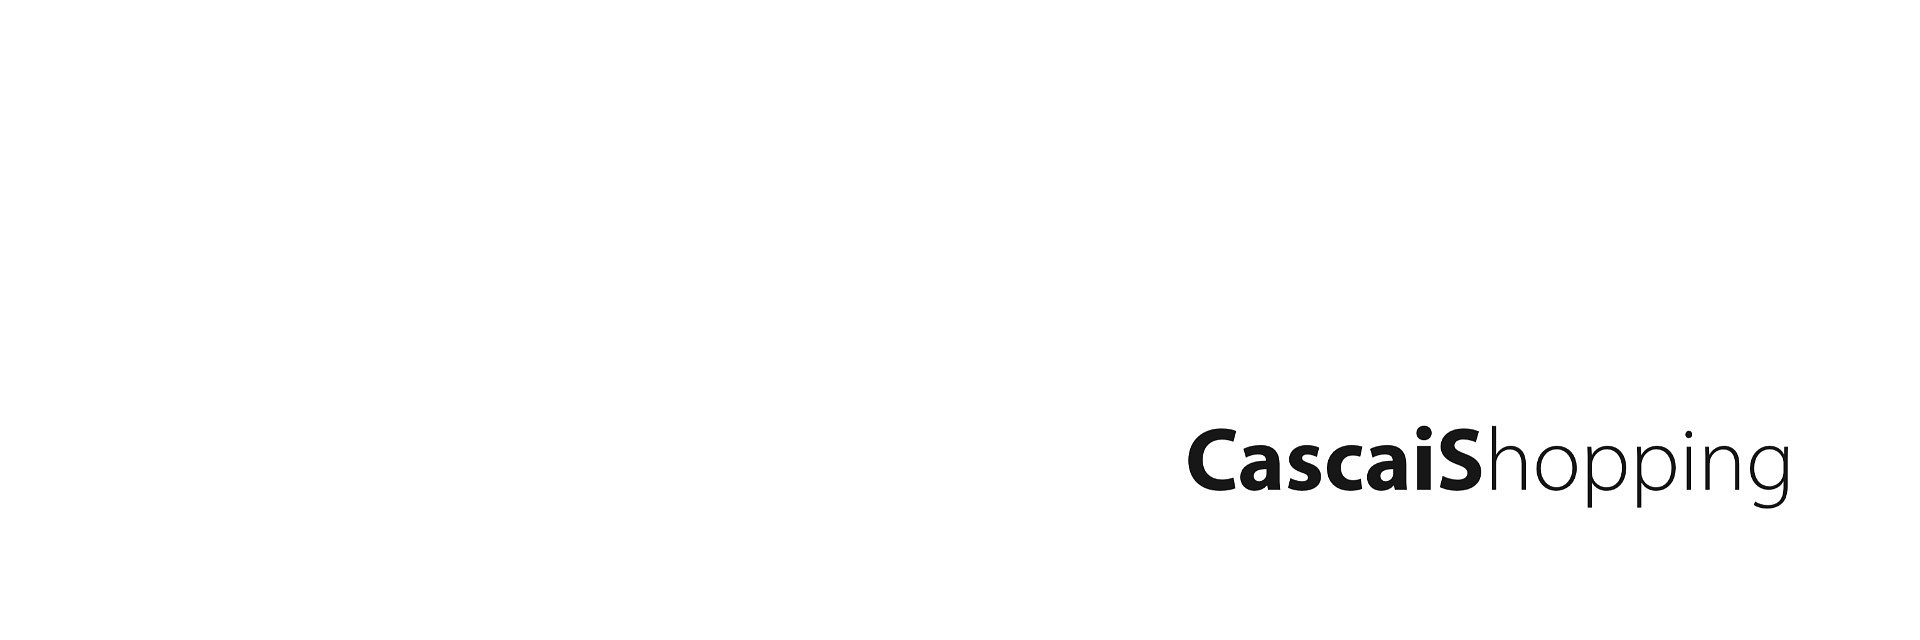 CascaiShopping vai ser o centro do Ténis